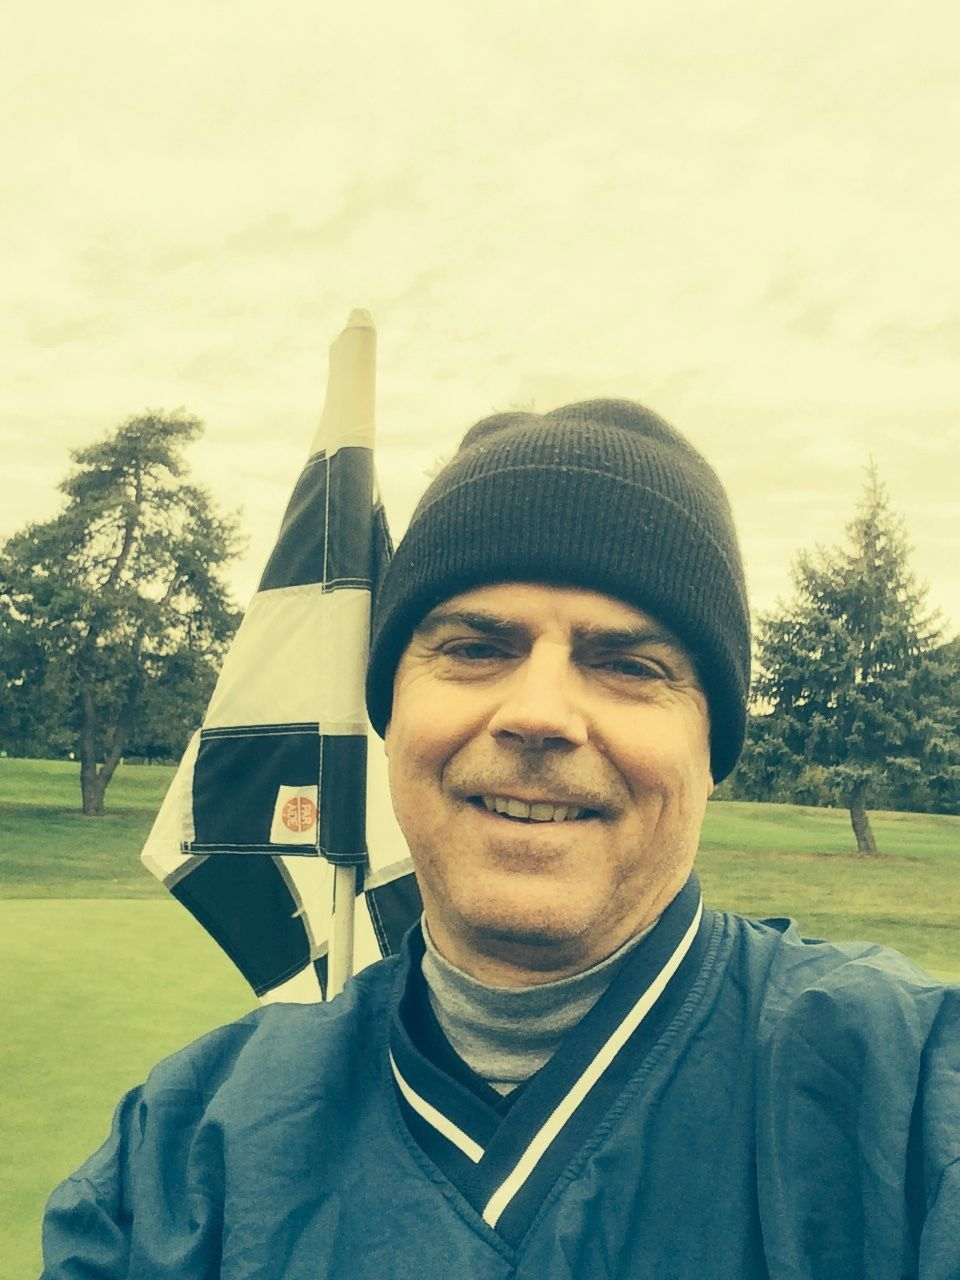 Golf mates Dating Sites Vi var dating nå hun ønsker å være venner